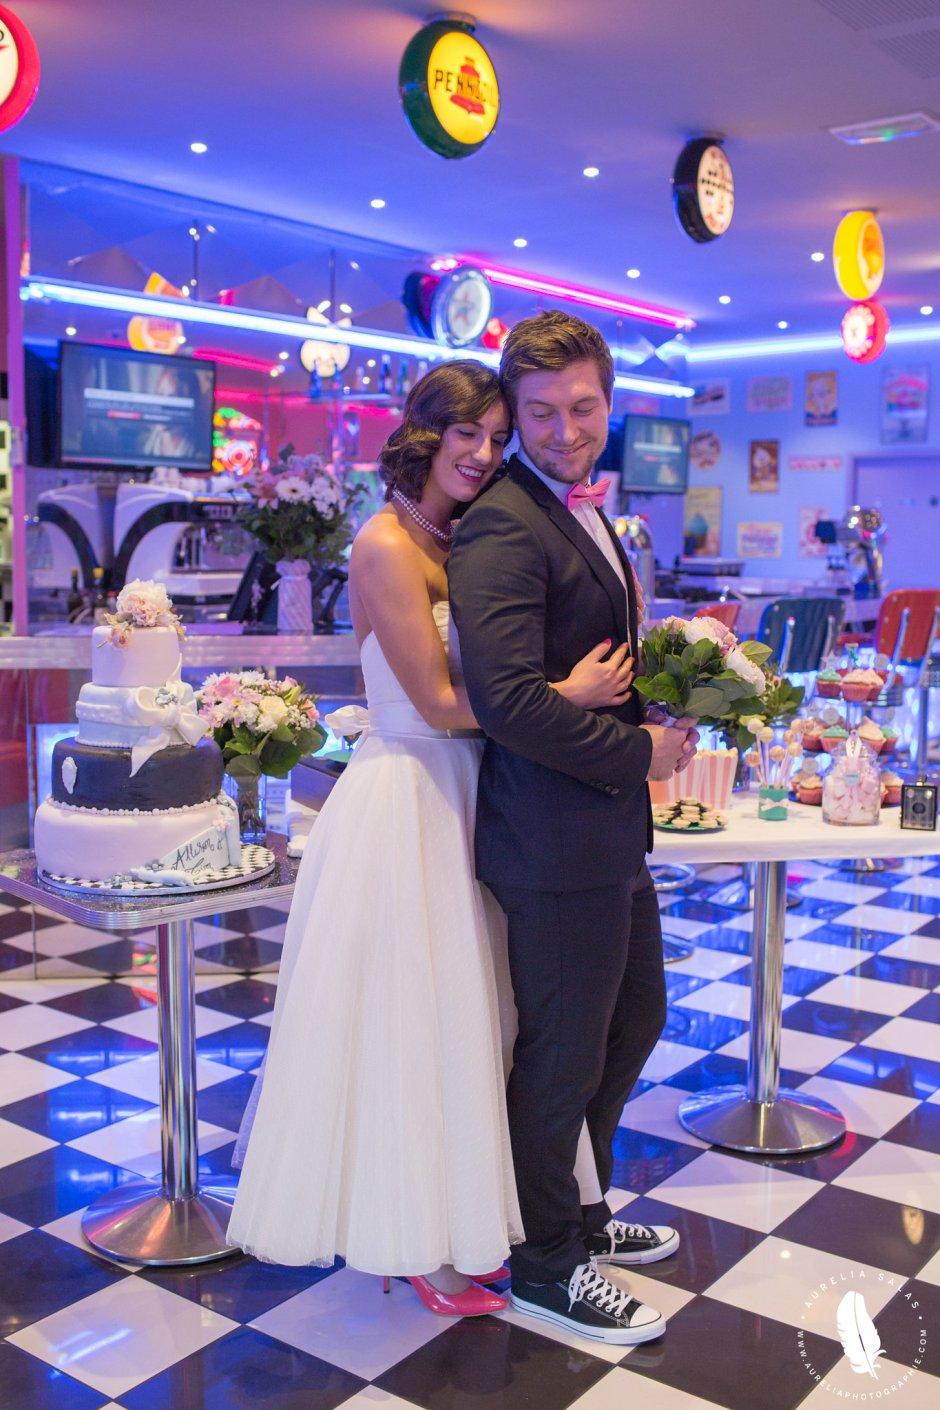 mariage-retro-fifties-la-blogueuse-mariage-80